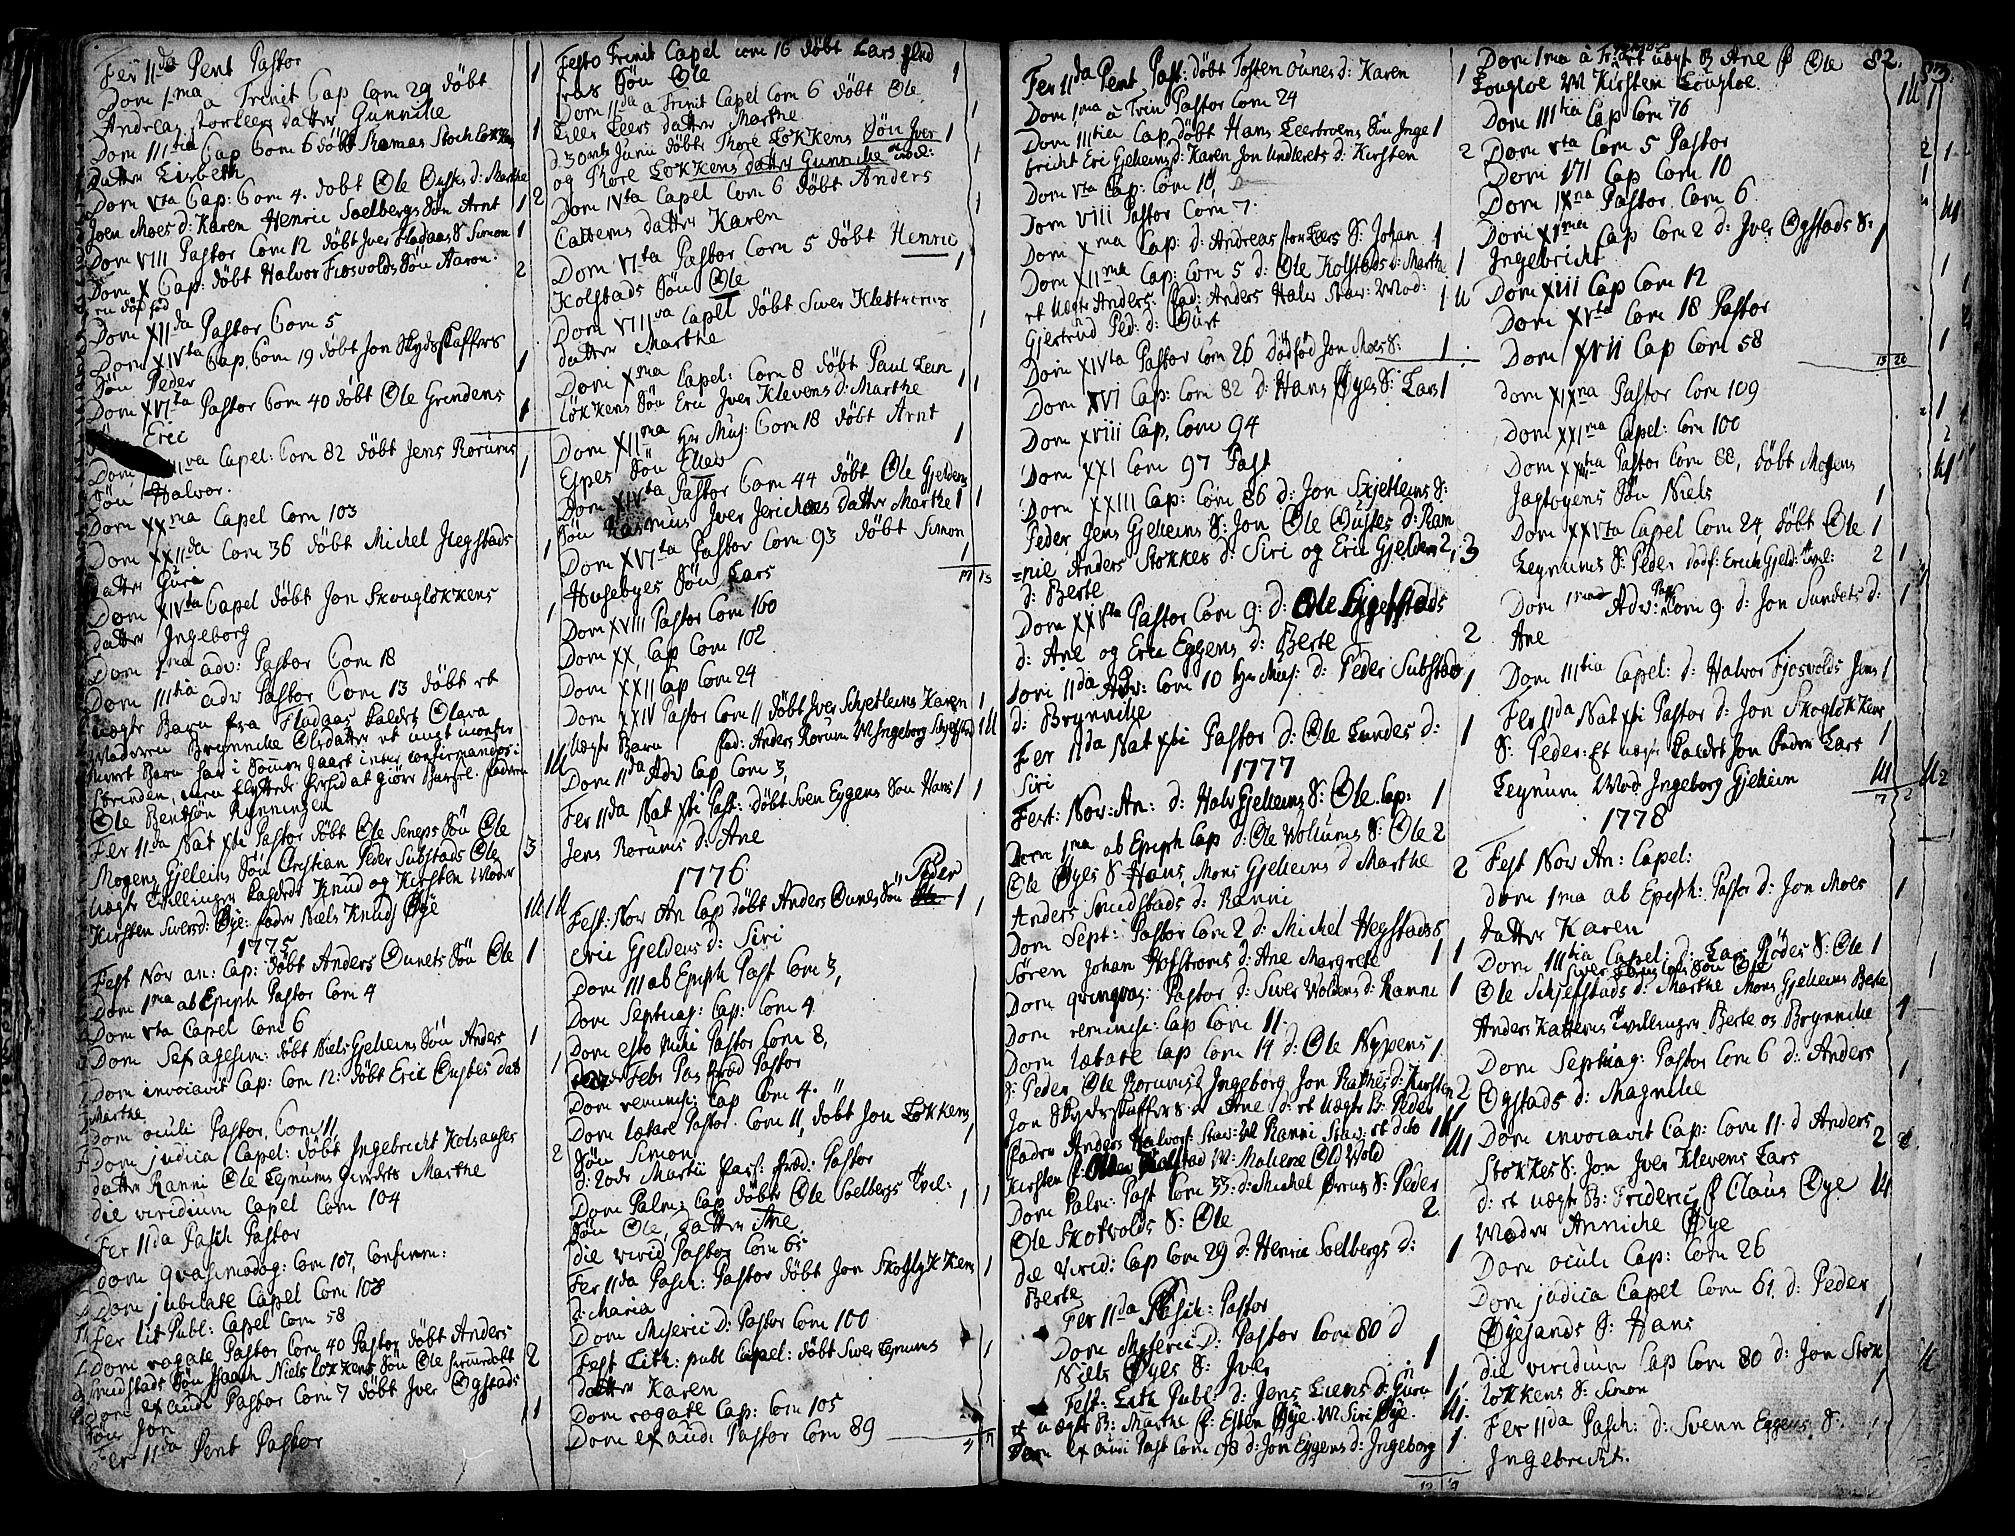 SAT, Ministerialprotokoller, klokkerbøker og fødselsregistre - Sør-Trøndelag, 691/L1063: Ministerialbok nr. 691A02 /3, 1768-1815, s. 82